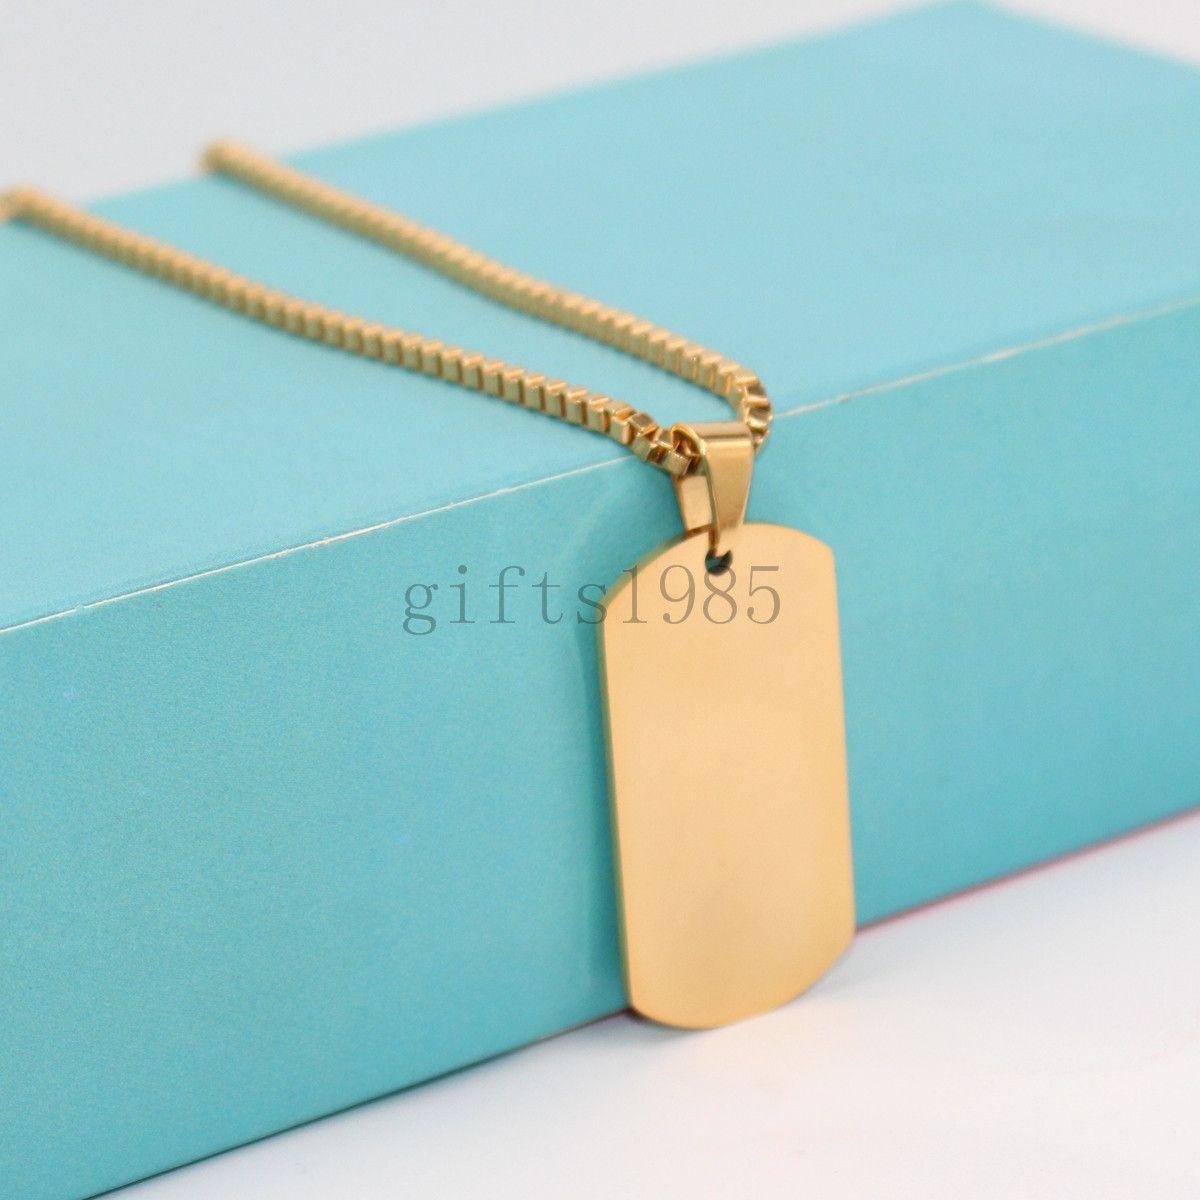 Очаровательная нержавеющая сталь серебро золото черный ювелирные изделия мужская собака тег кулон ожерелье 24 дюймов коробка цепи